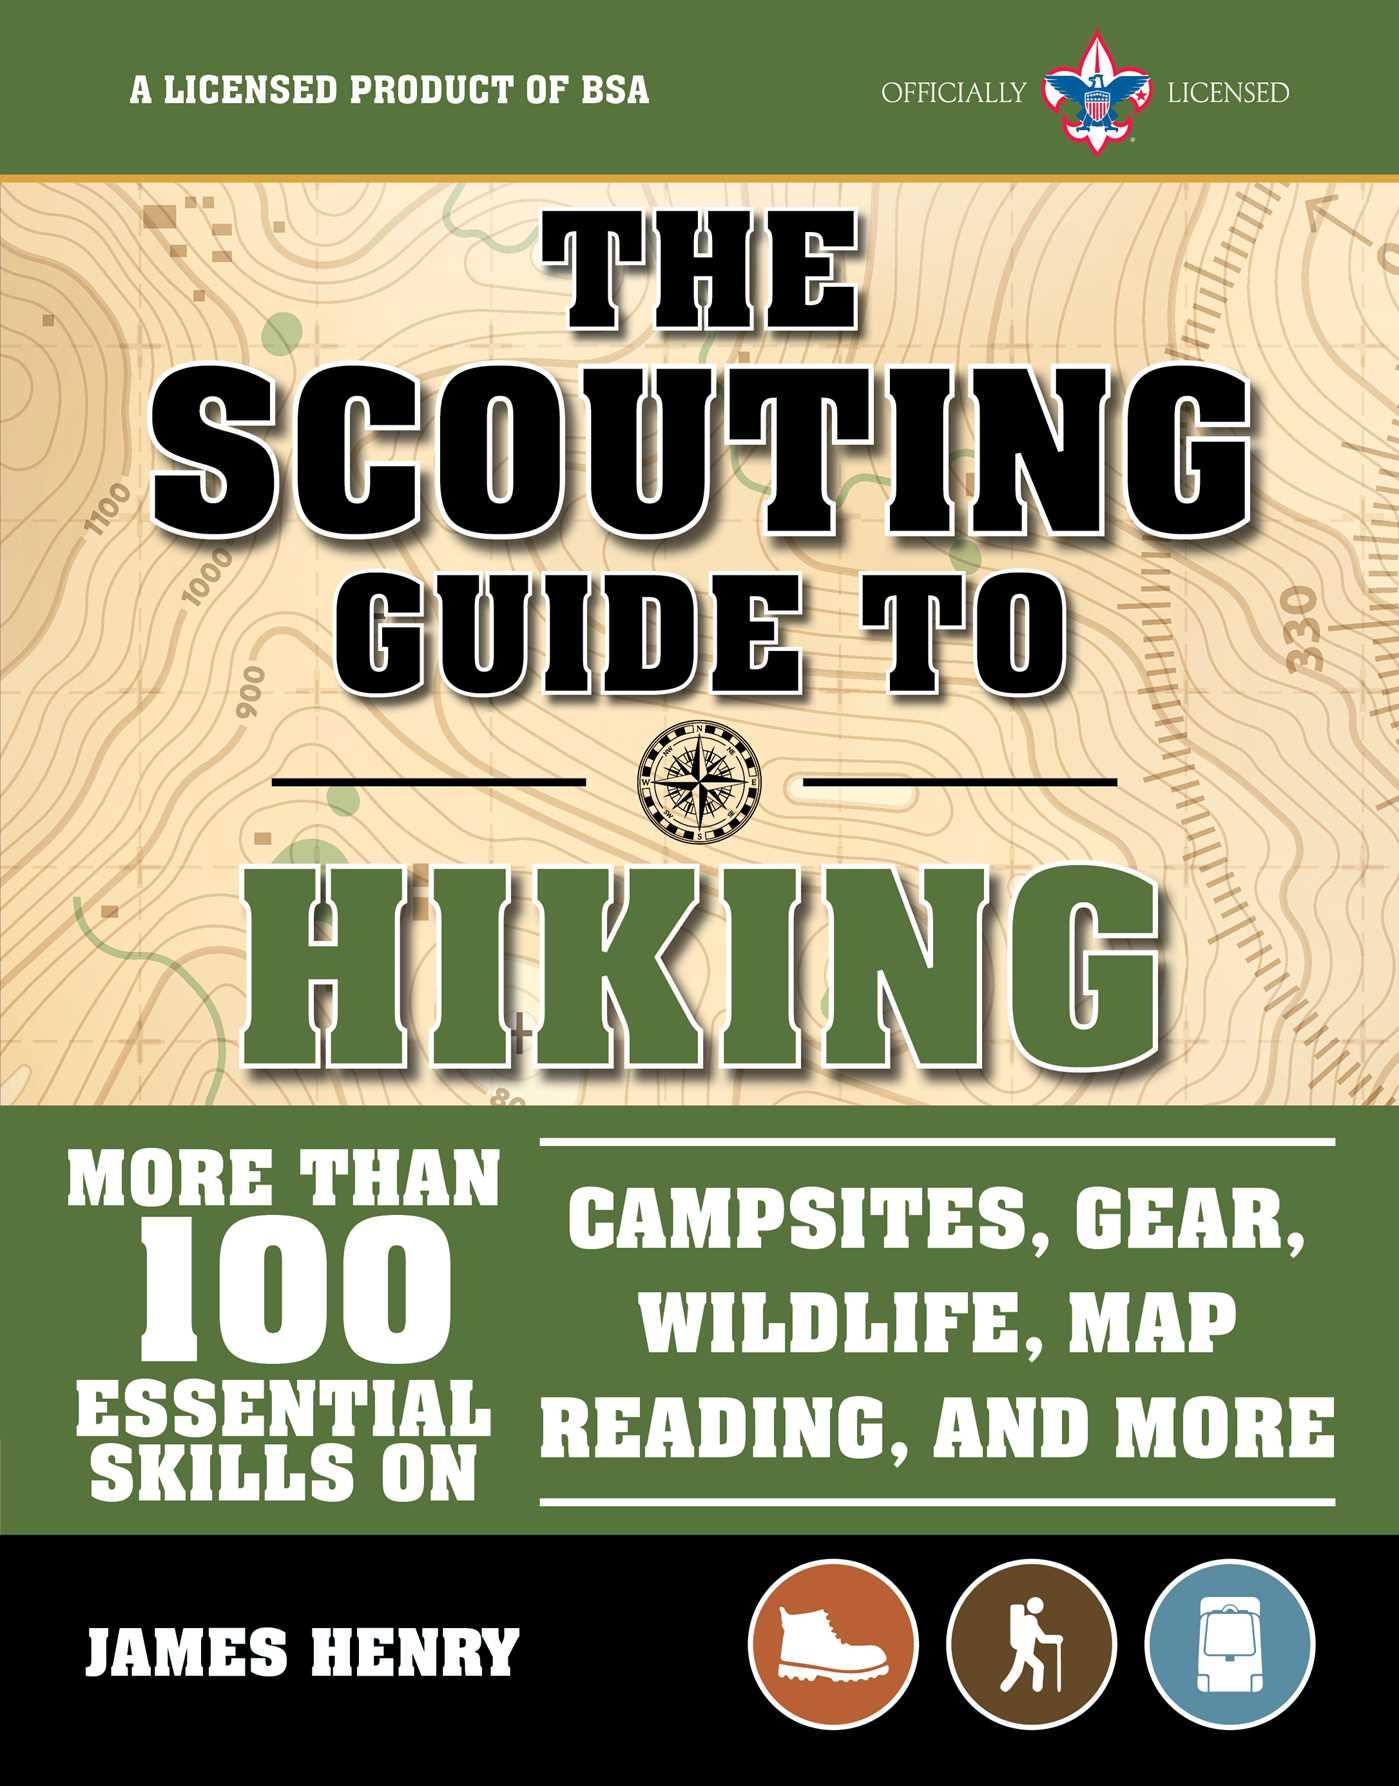 Brief background of the boy scout fieldbook (bsa).